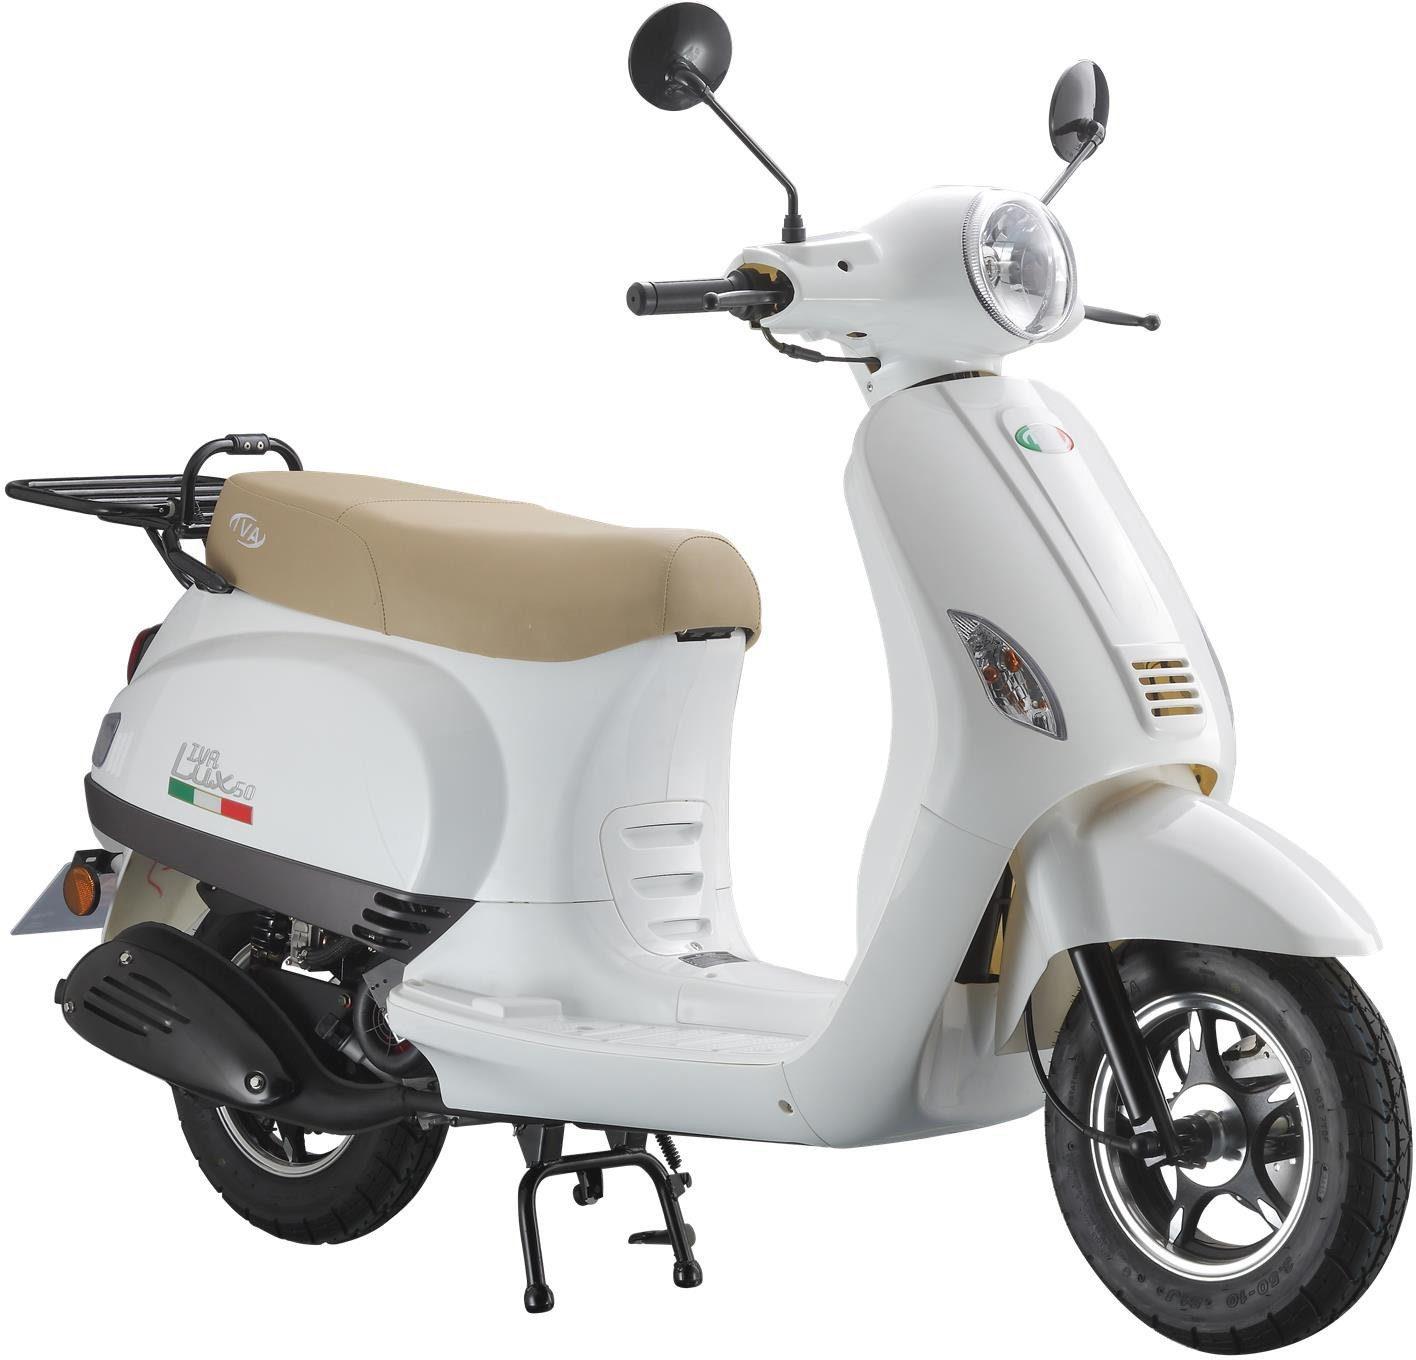 Motorroller »LUX 50«, 50 ccm 45 km/h, für 2 Personen, weiß/braun